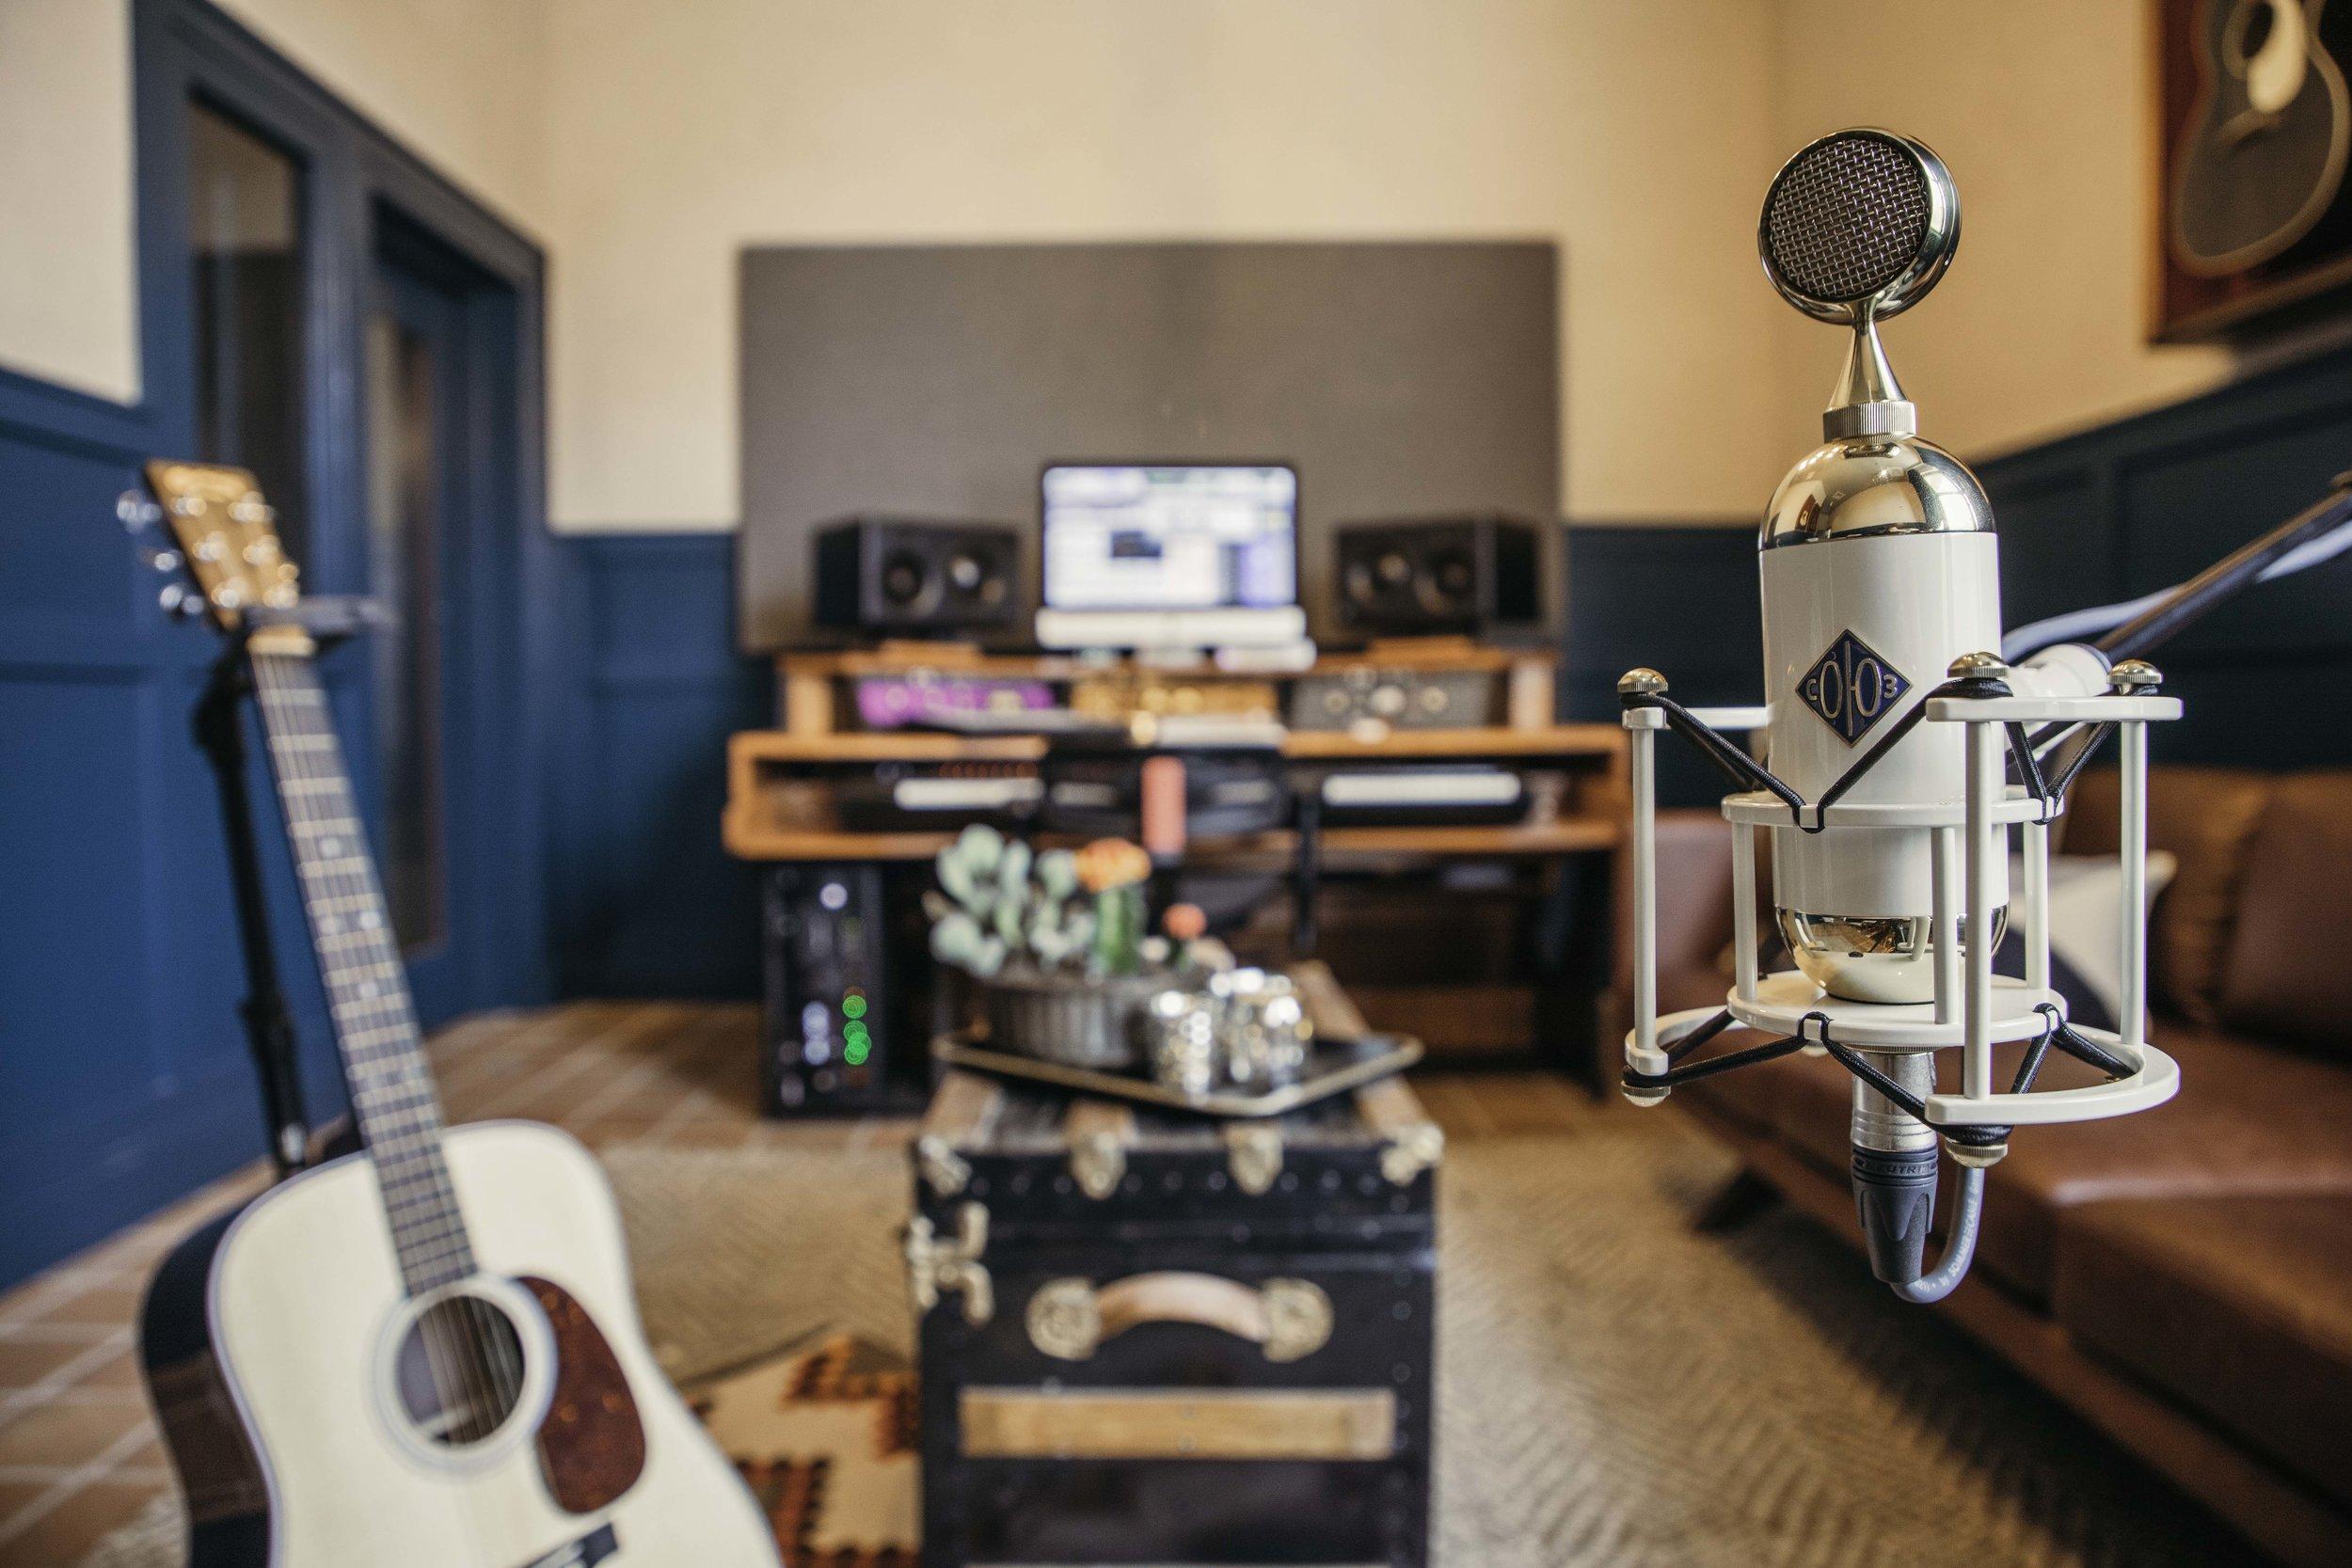 Dierks Bentley Writer Room Hutton-2.jpg